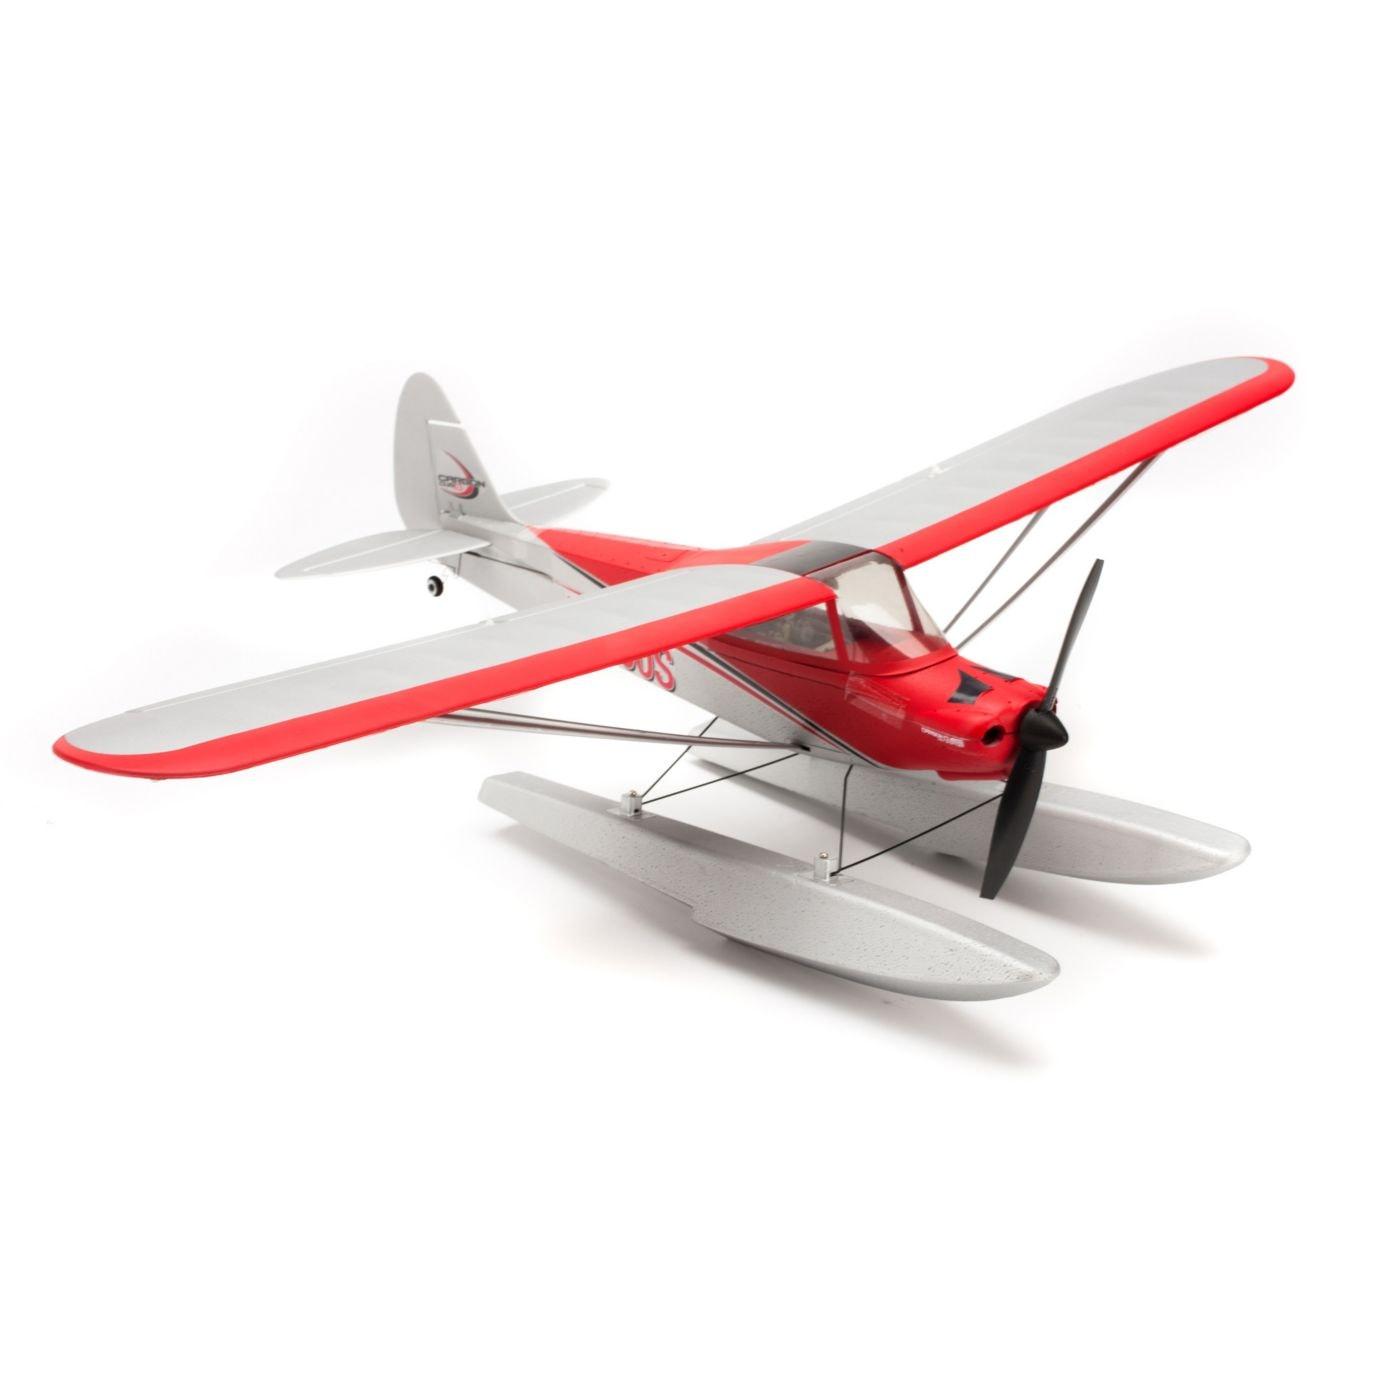 E-flite Радиоуправляемый Самолет - UMX Carbon Cub SS 610мм BNF